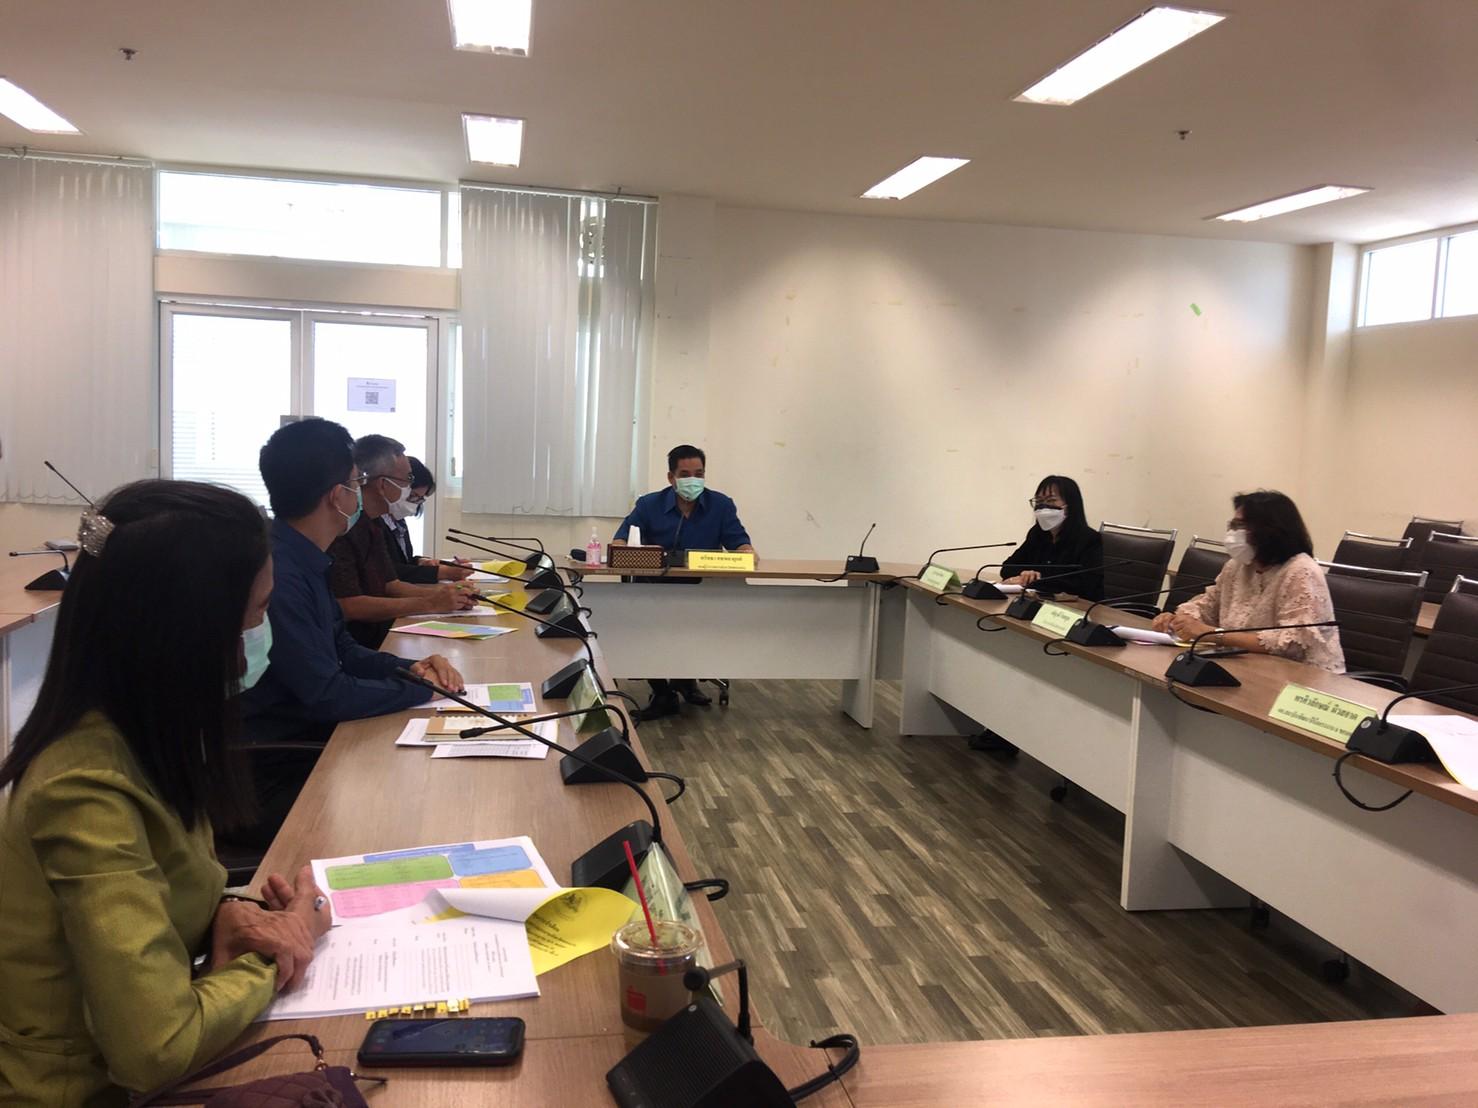 สรจ.ขก ประชุมหัวหน้าส่วนราชการสังกัดกระทรวงแรงงานจังหวัดขอนแก่น ครั้งที่ 10 / 2564